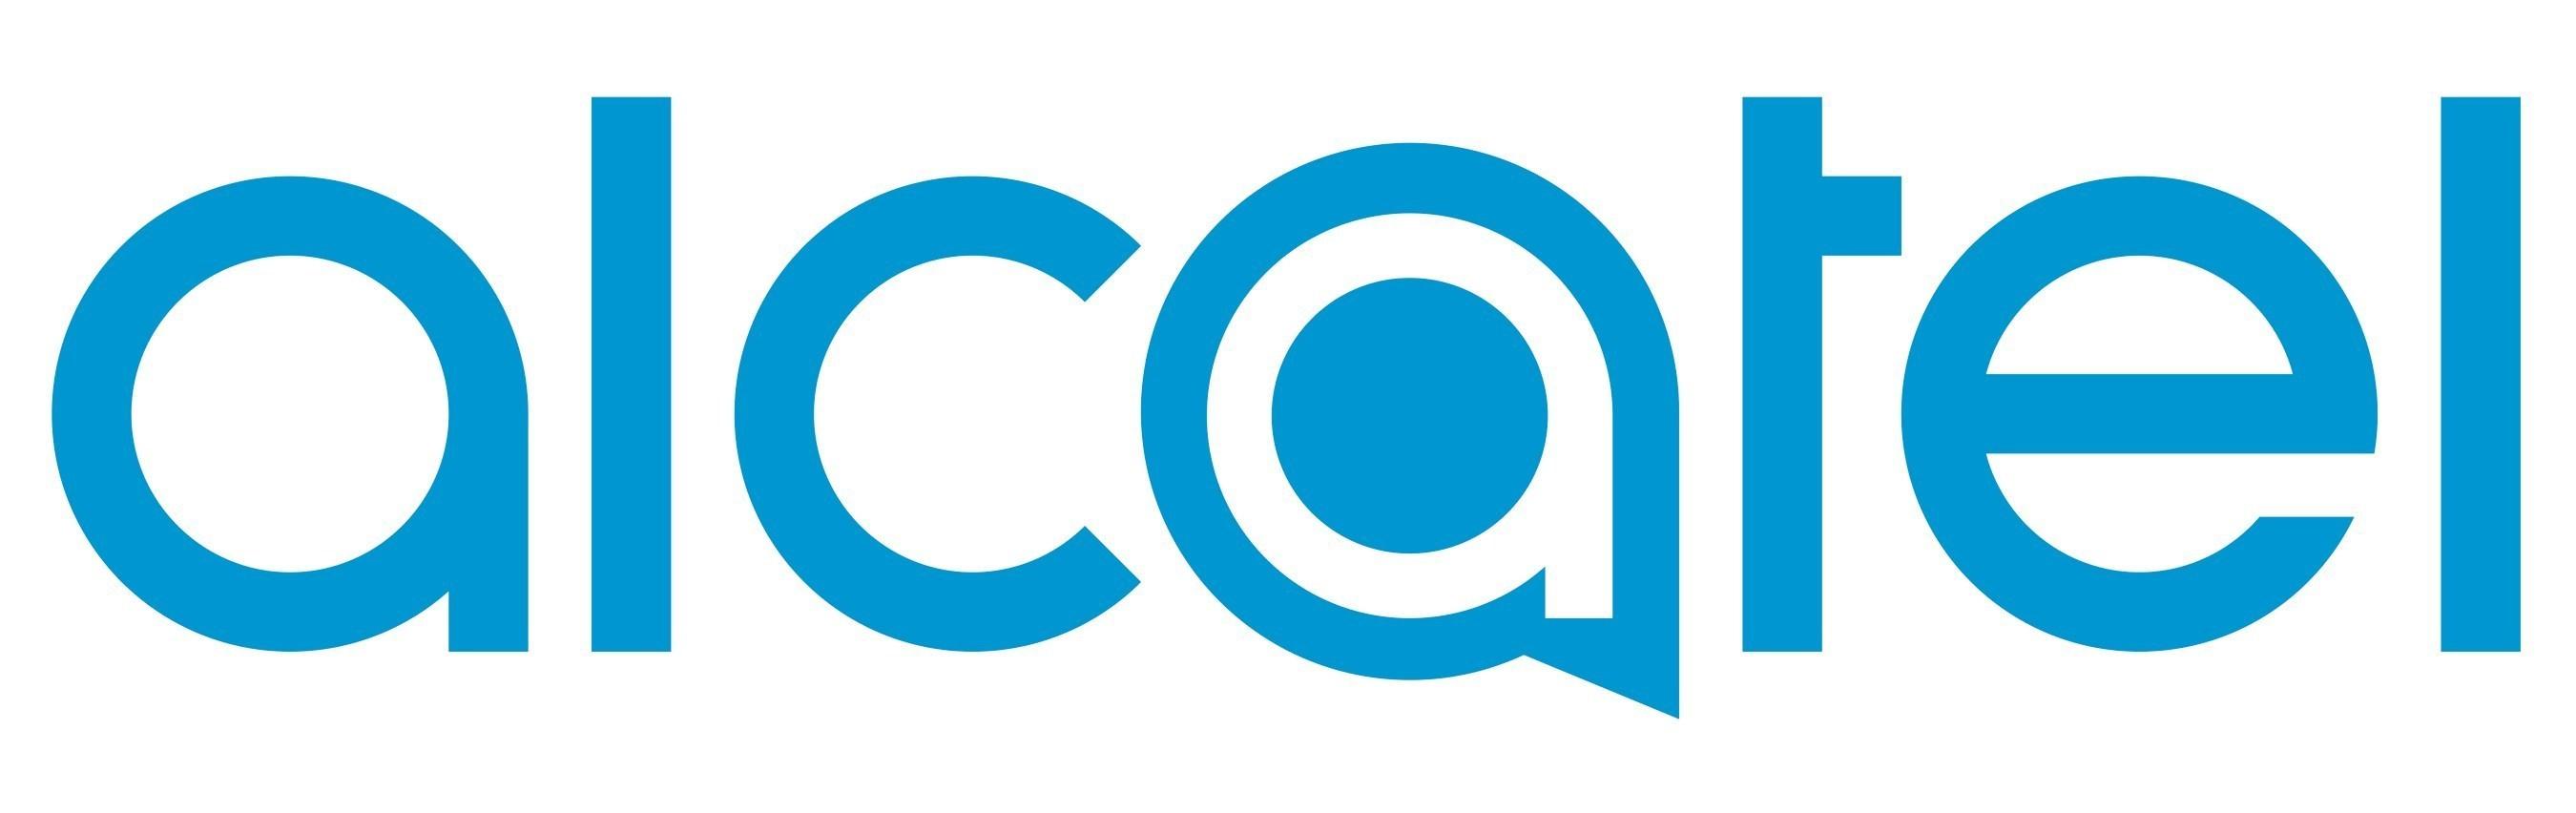 filealcatel logo 2016jpg wikimedia commons